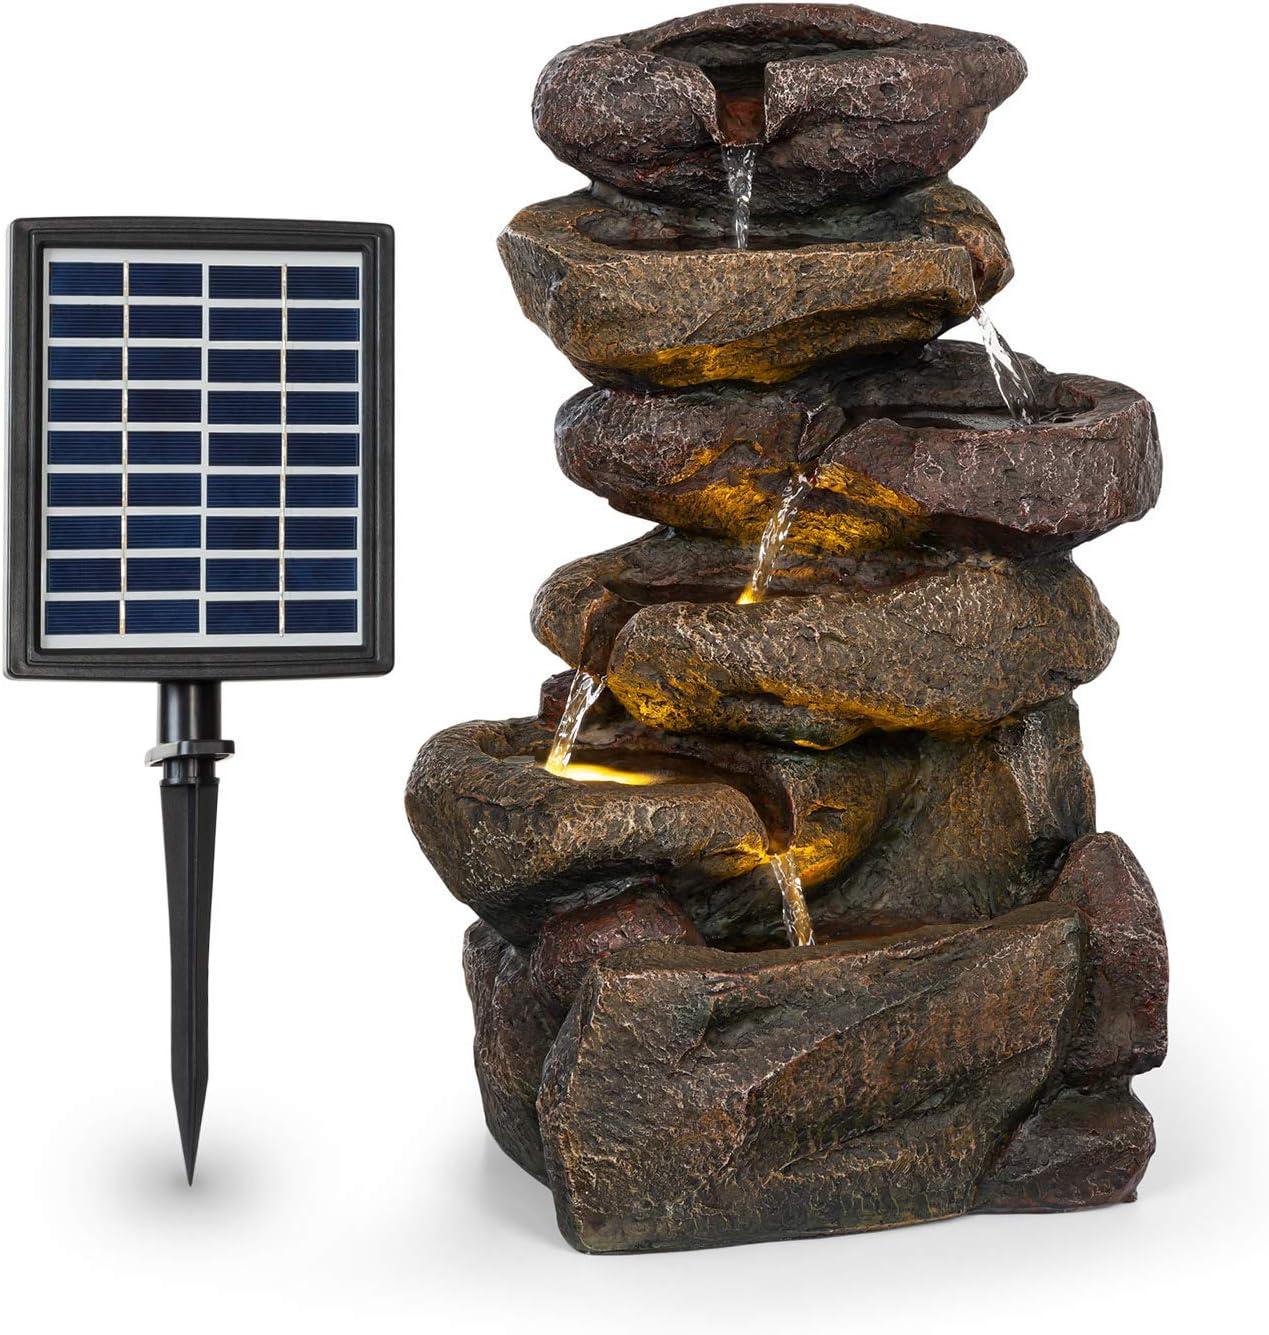 blumfeldt Savona Fuente Solar - Energía Solar, 2,8 Vatios, Batería de Iones de Litio, 5 Horas de Funcionamiento, Iluminación LED, Poliresina, Circuito Cerrado, Resistente a heladas, Aspecto Piedra